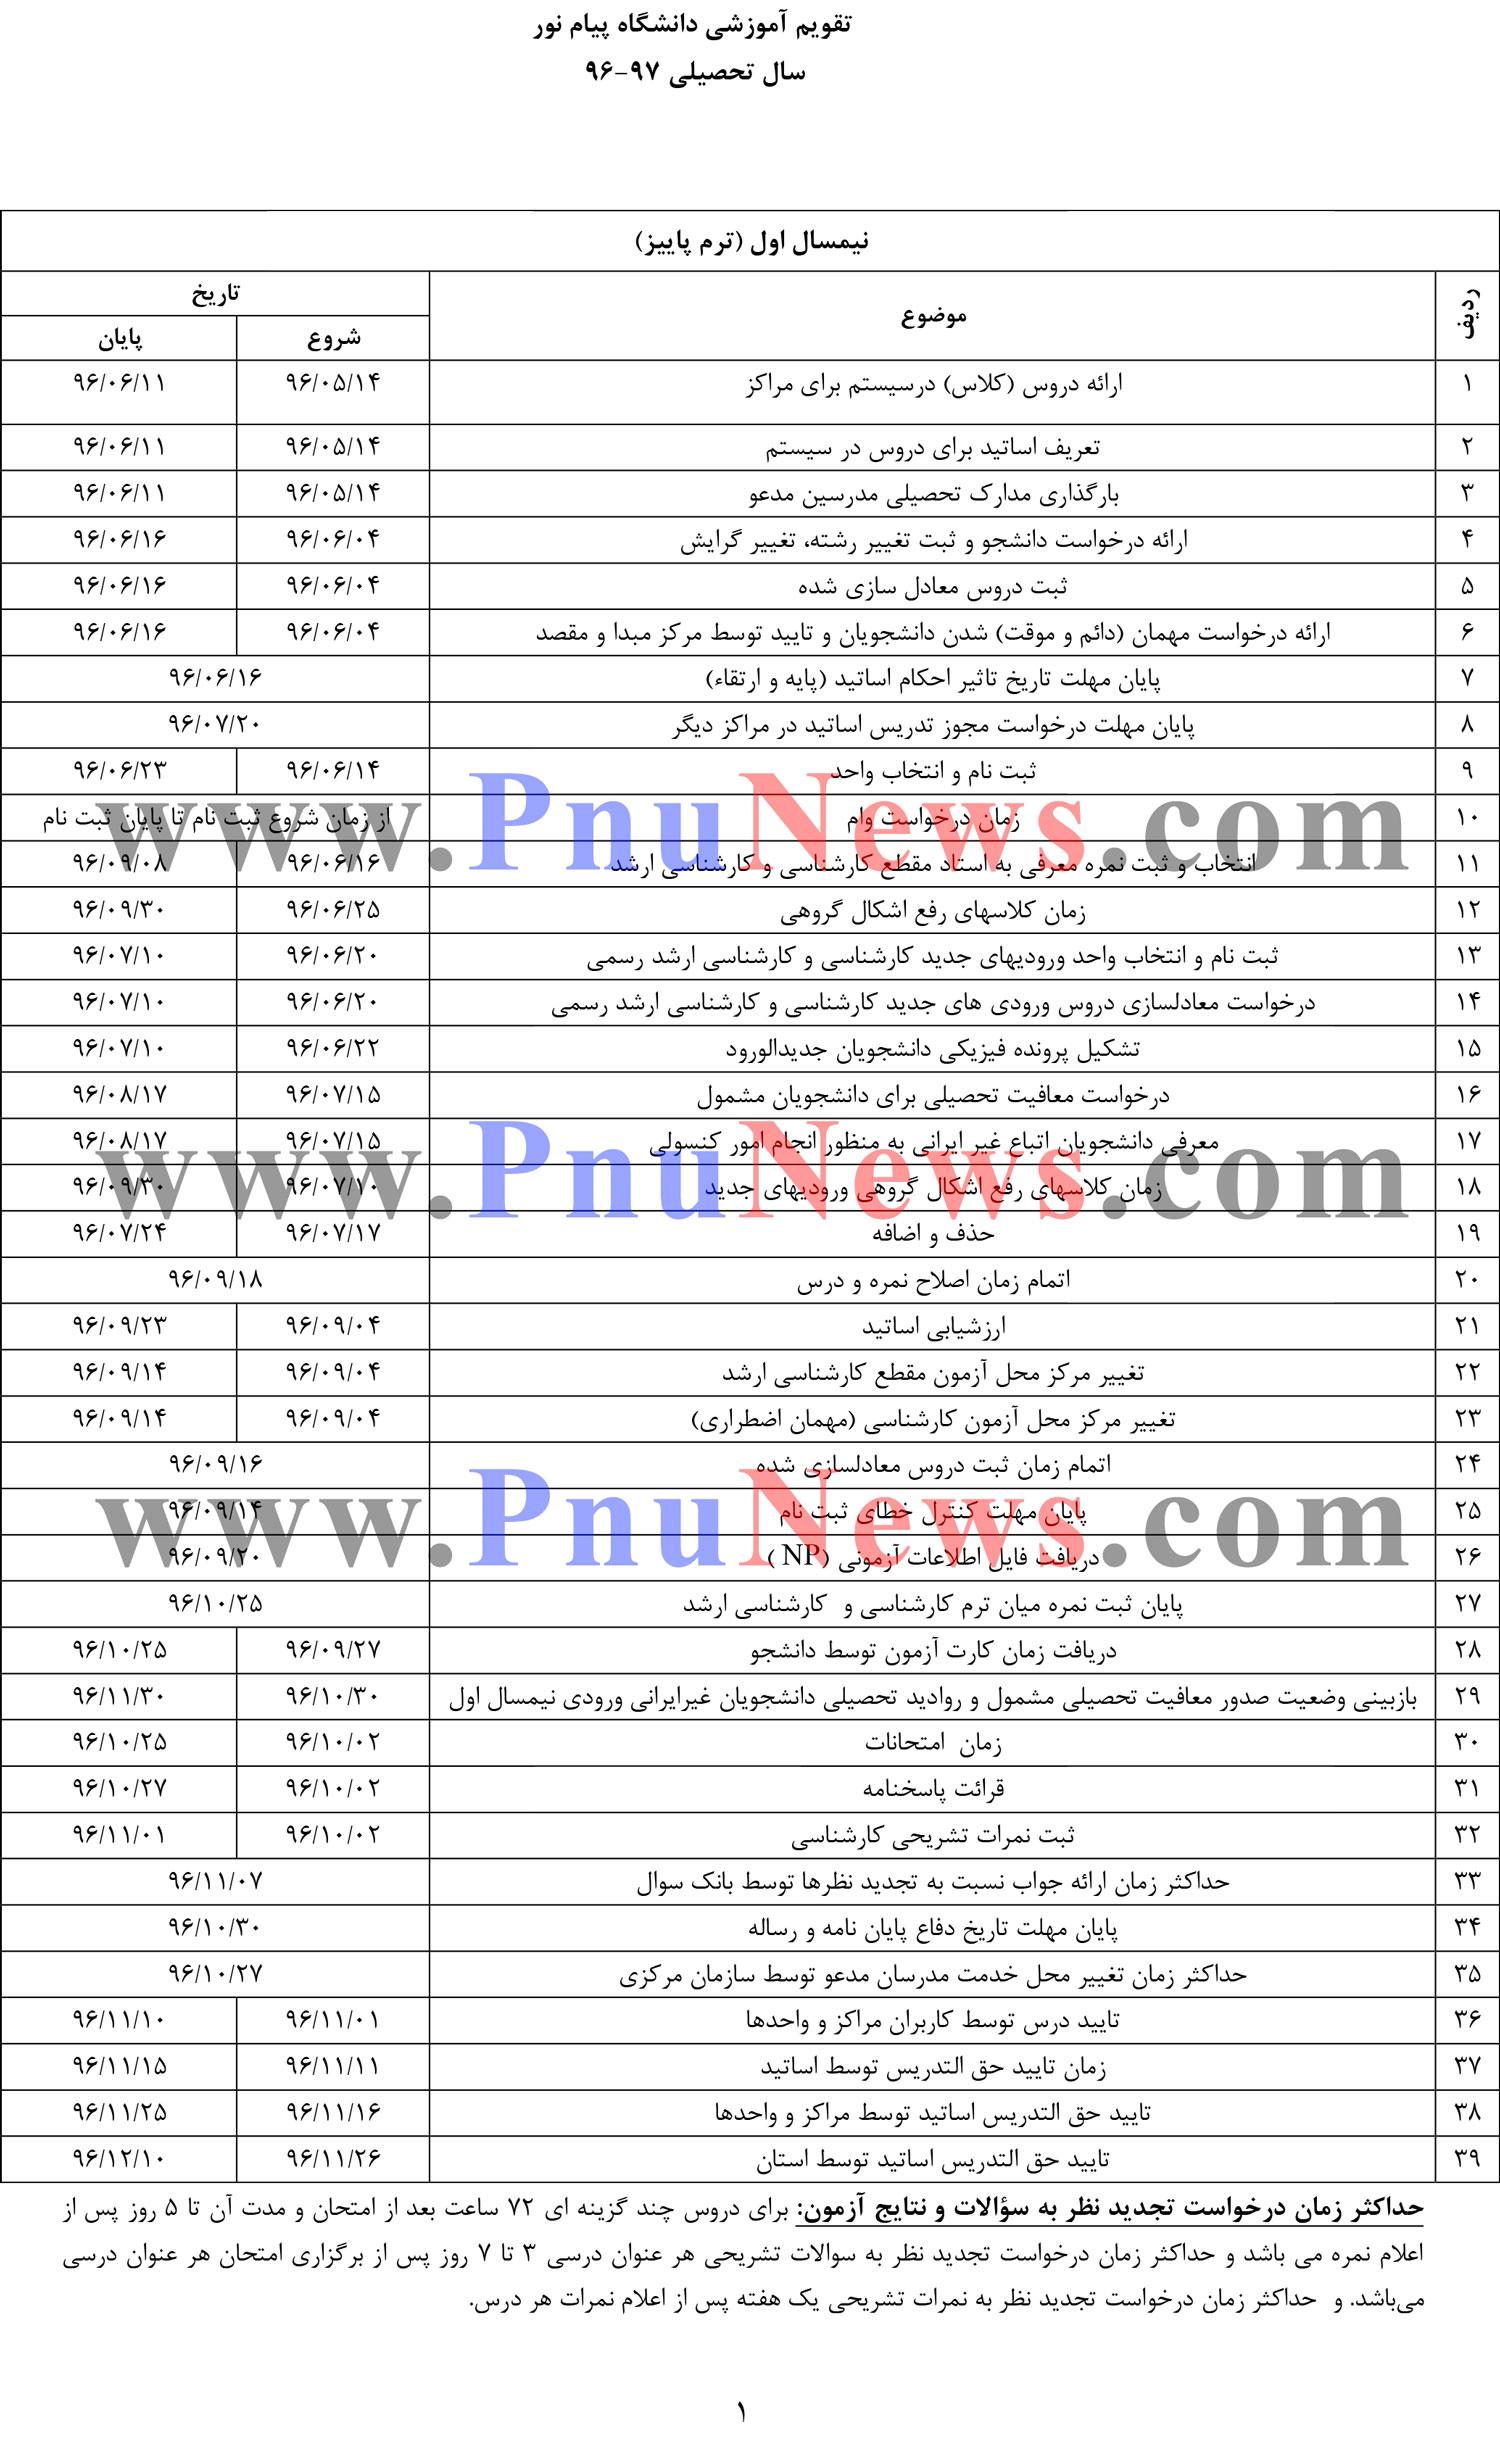 تقویم آموزشی دانشگاه پیام نور ترم مهر 96